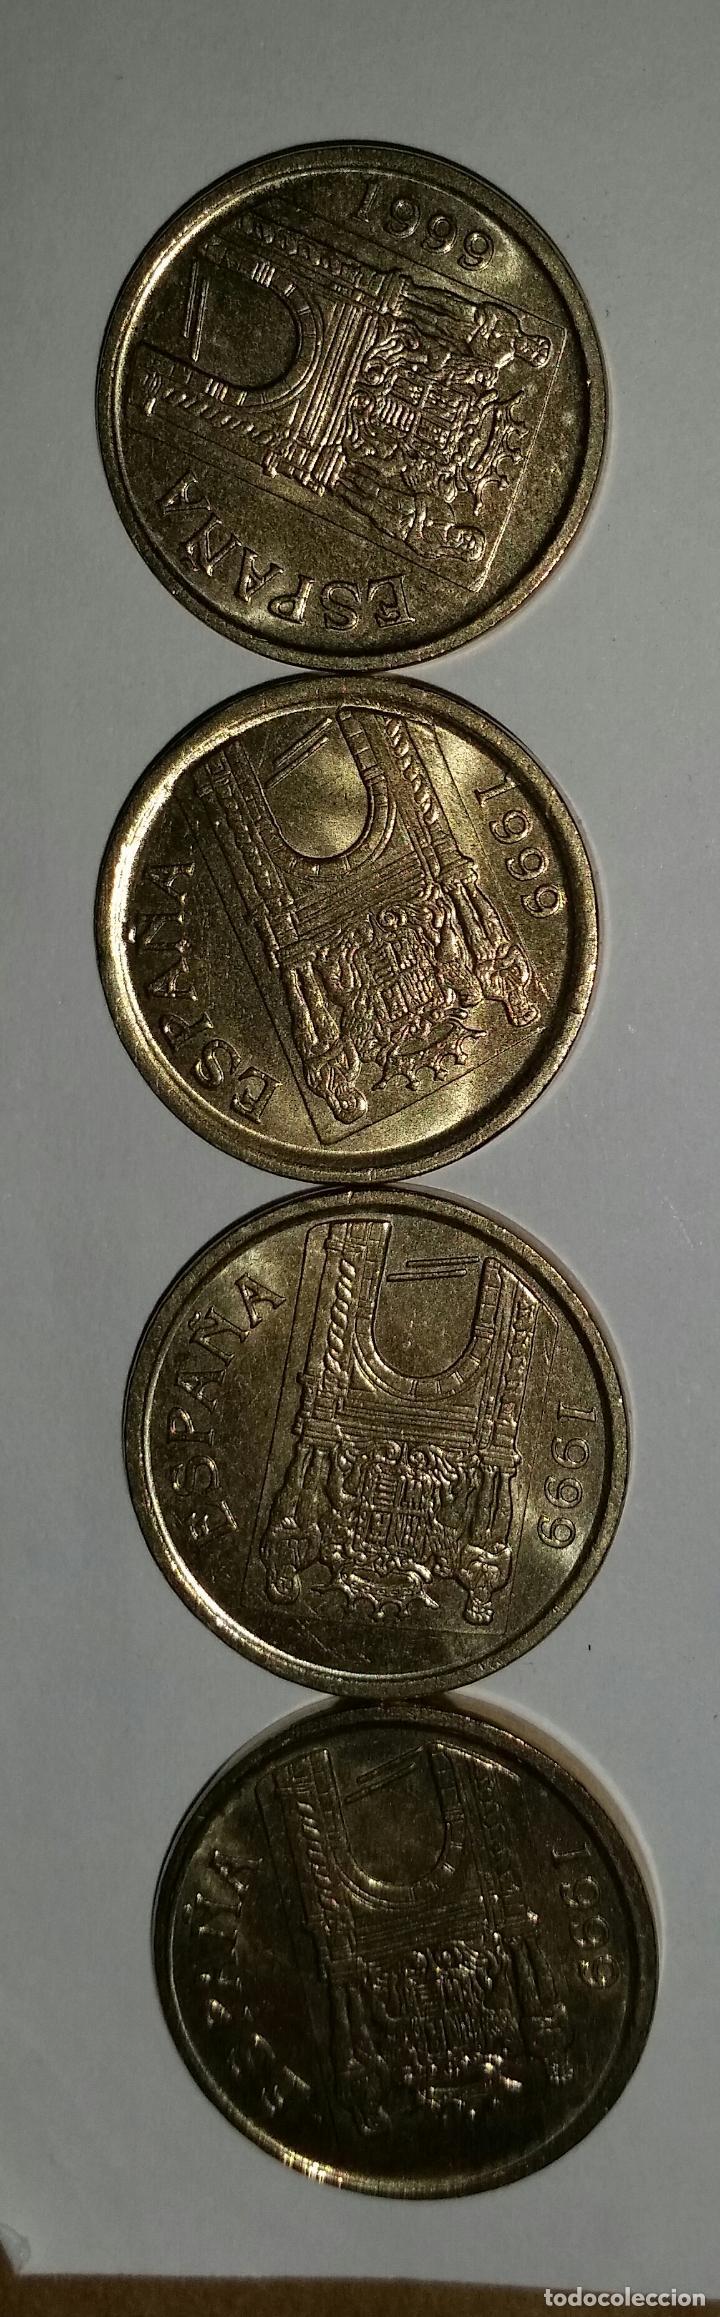 Monedas Juan Carlos I: LOTAZO 200 MONEDAS DE 5 PESETAS AÑOS 90 Y DE DISTINTAS PROVINCIAS - Foto 6 - 86661496